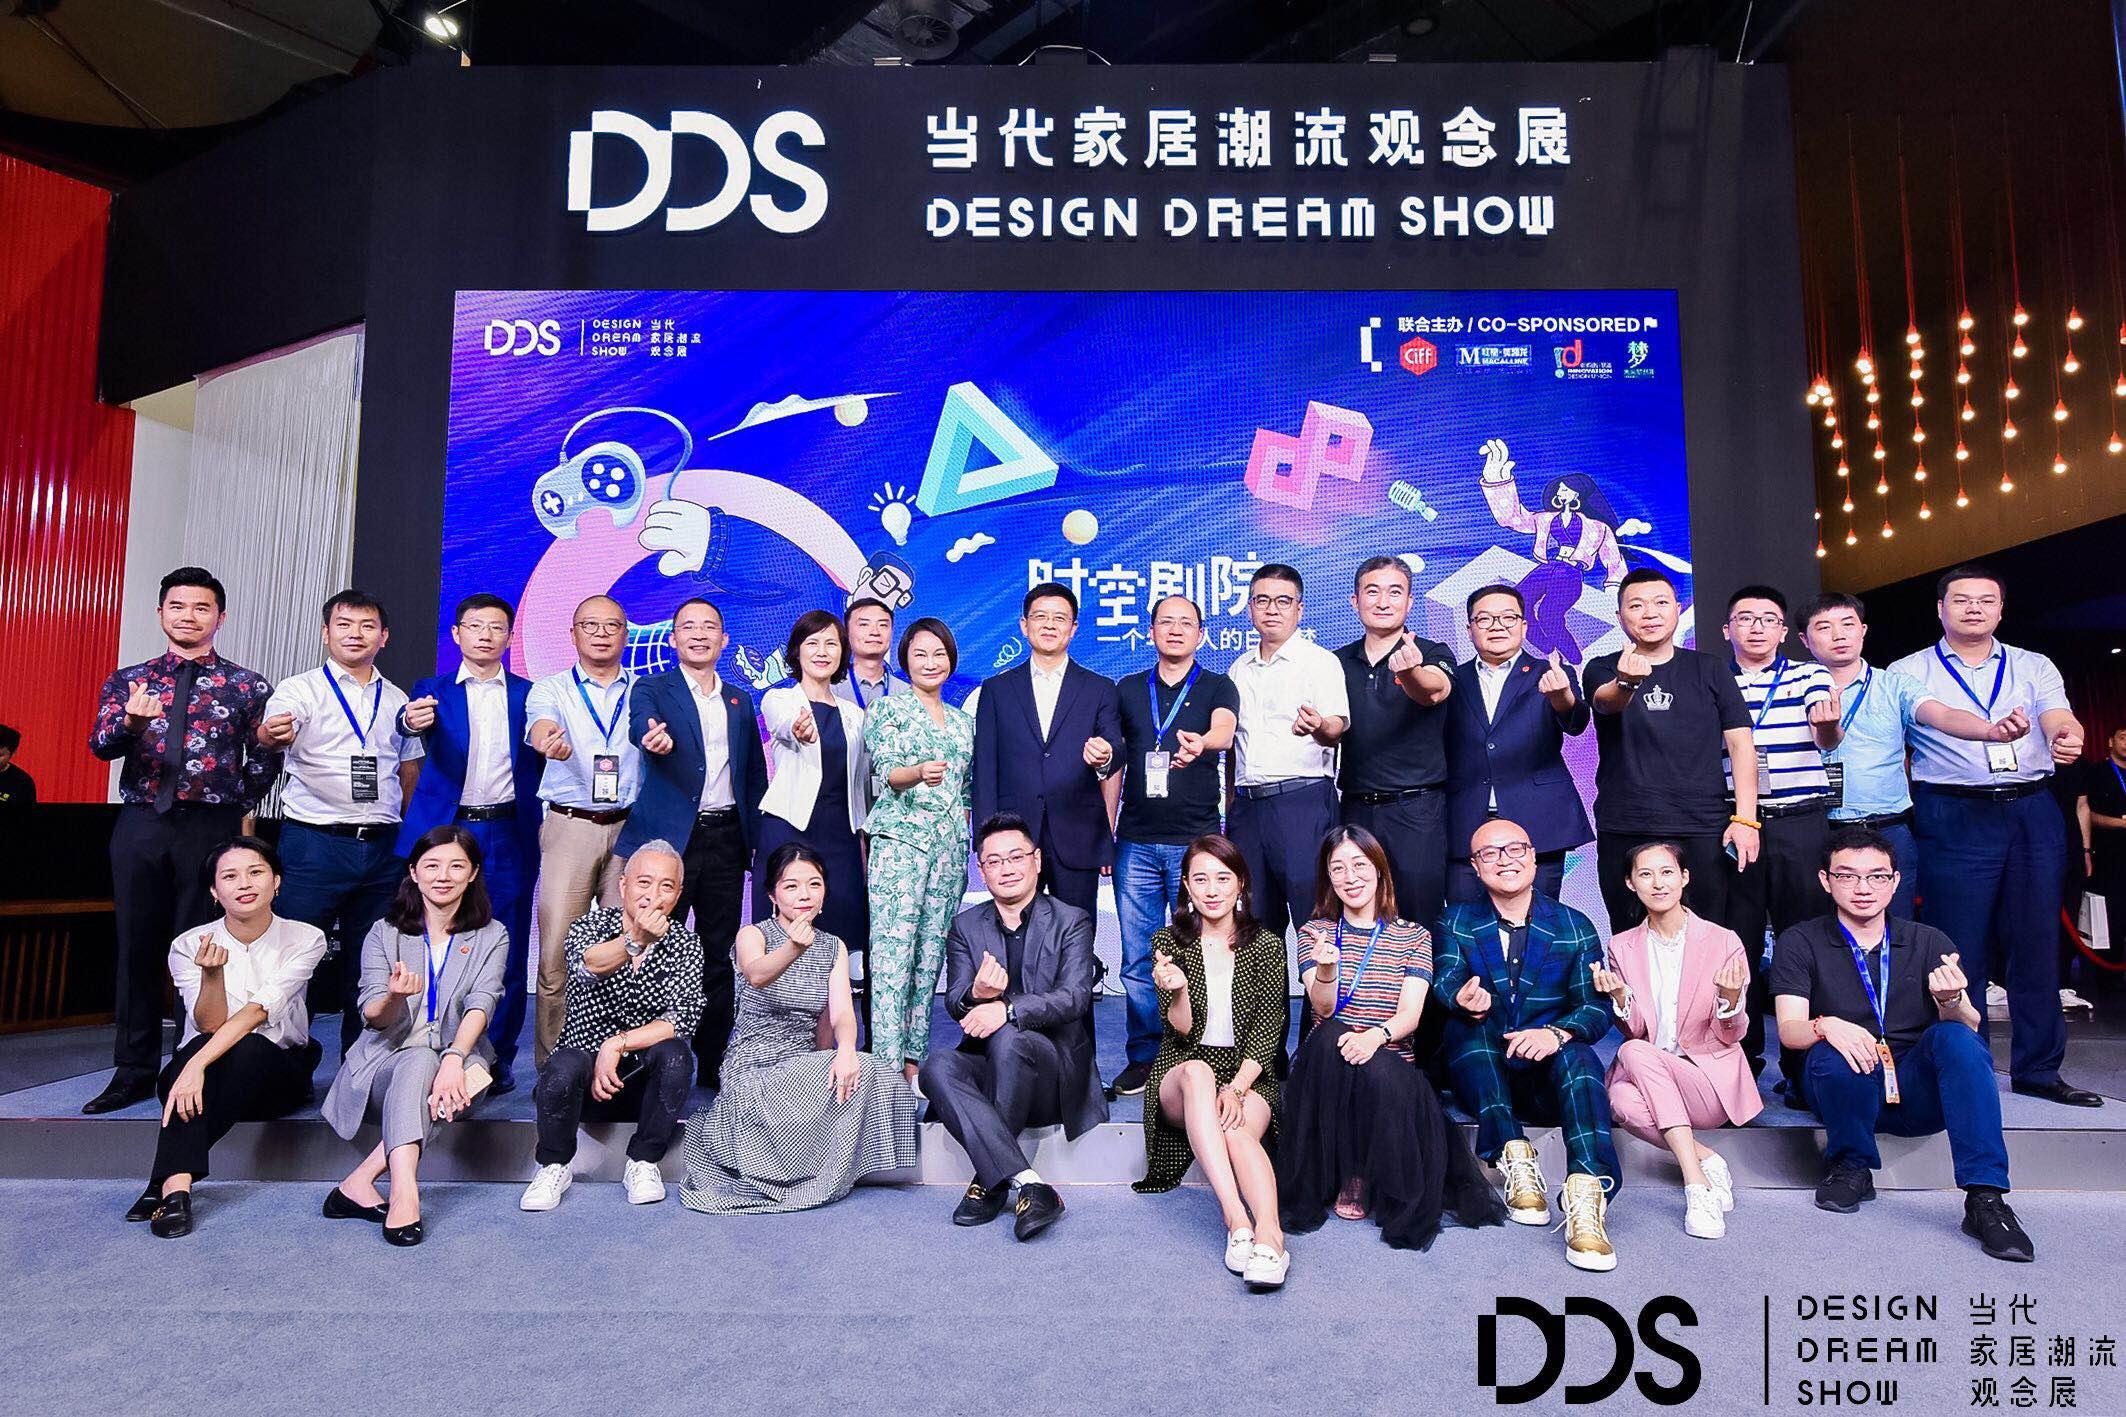 国潮暖风打卡第二站,上海DDS再掀热潮